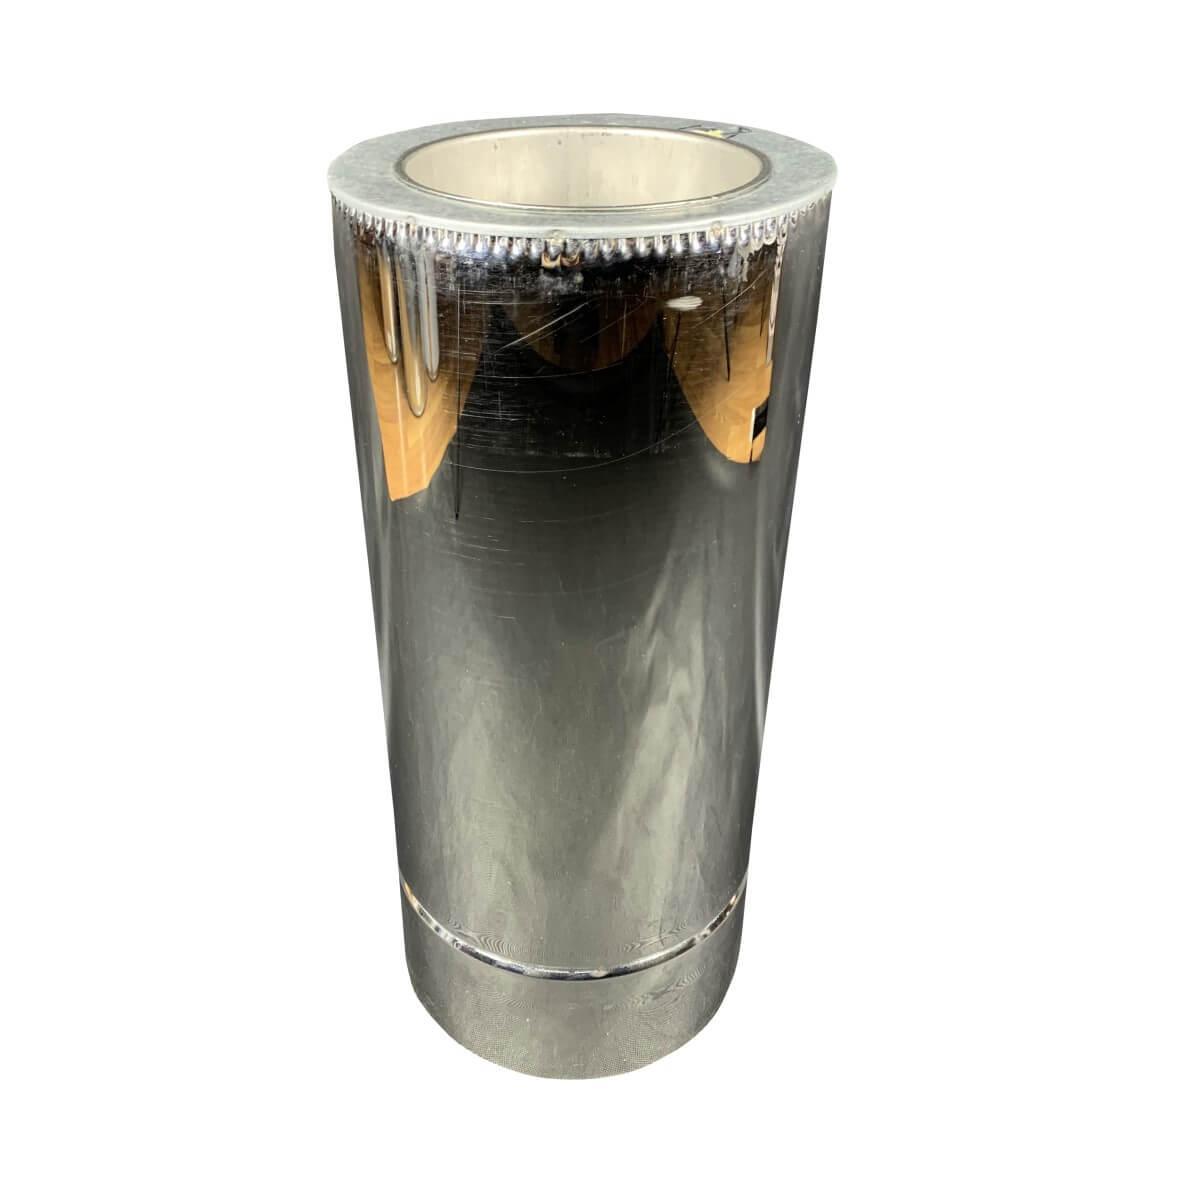 Труба дымоходная 0,5 м ø 230/300 н/н 0,6 мм